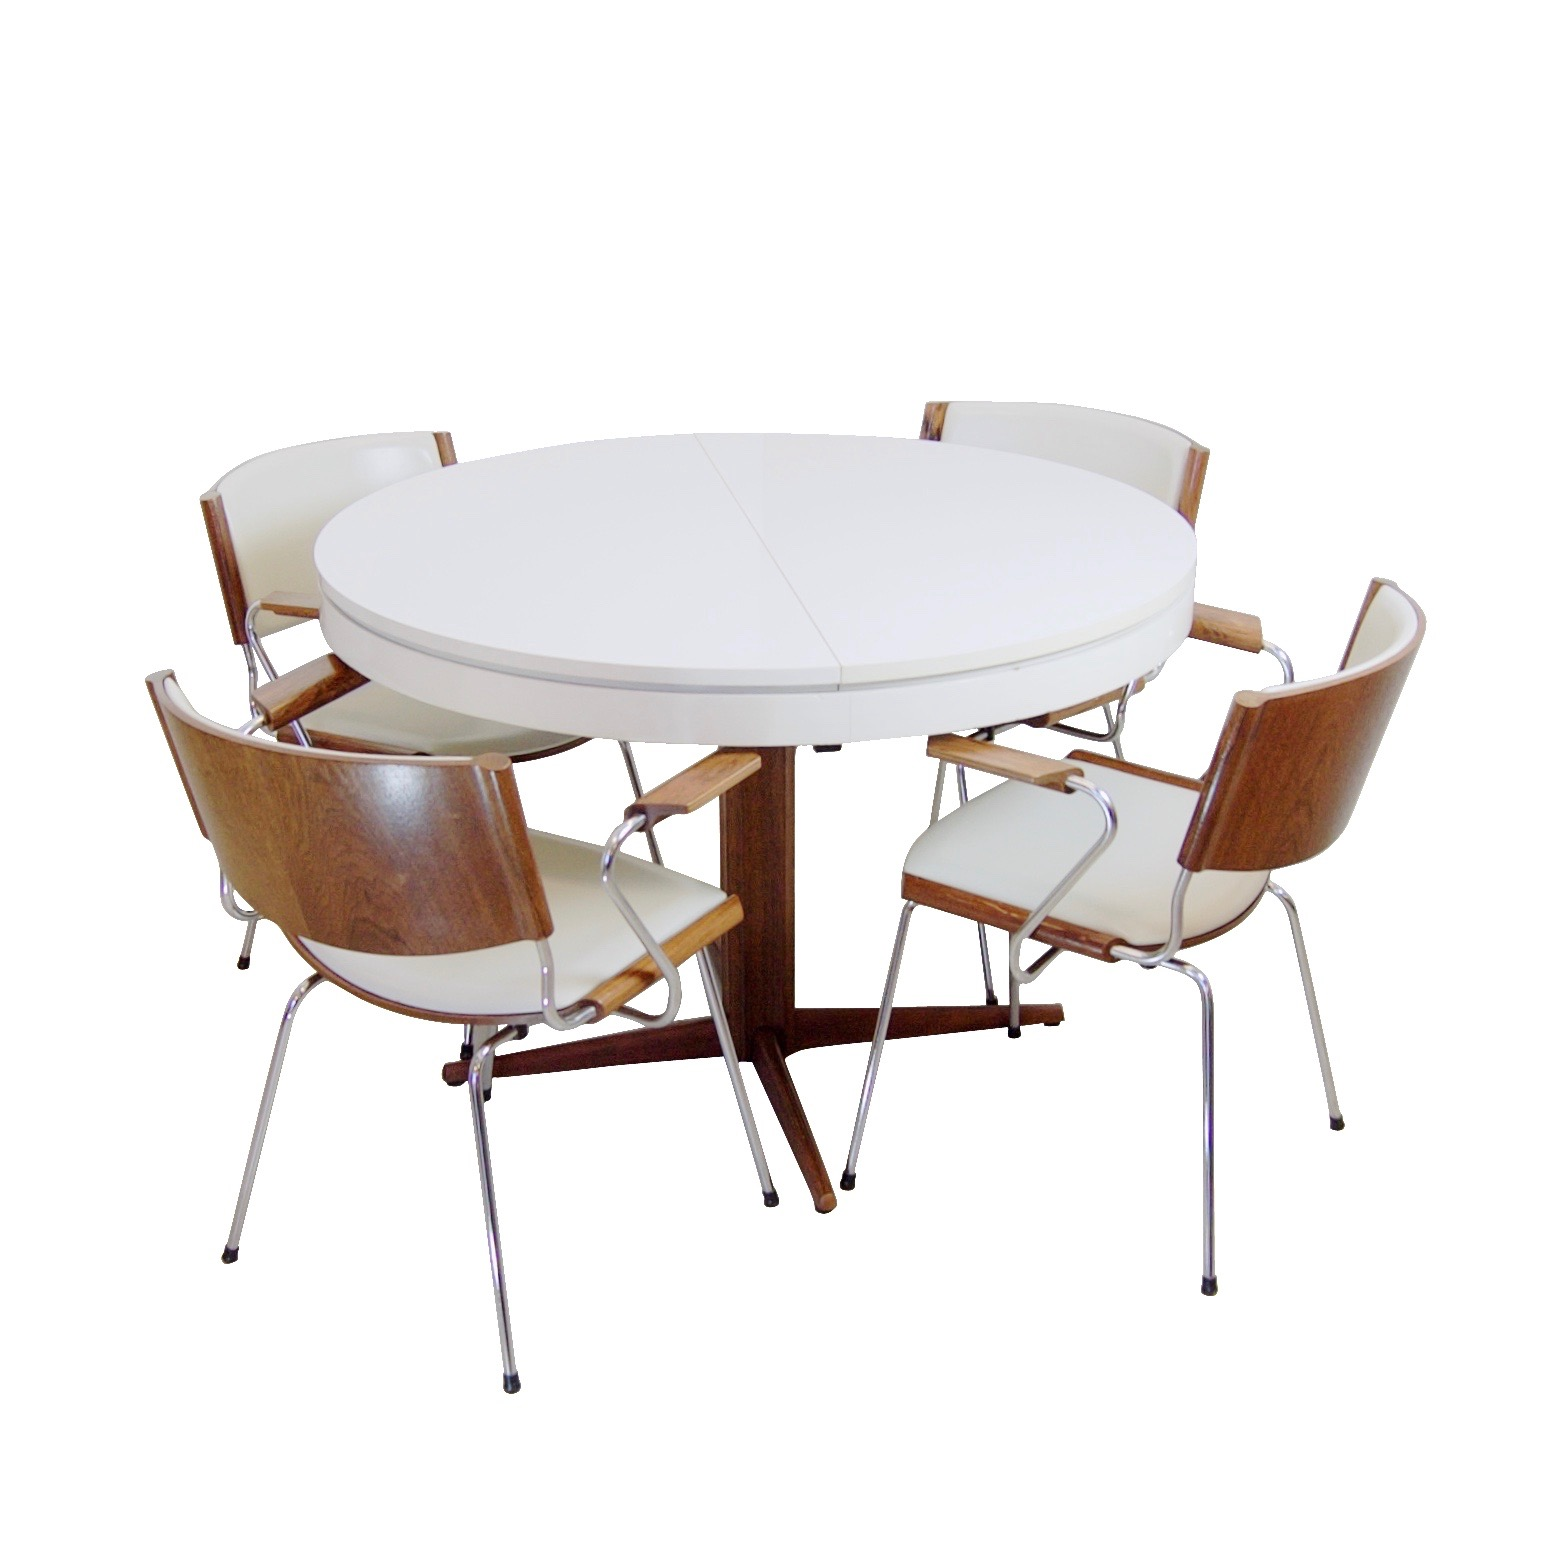 Nanna Ditzel voor Kolds Savvaerk – eetkamertafel met 4 stoelen (1)